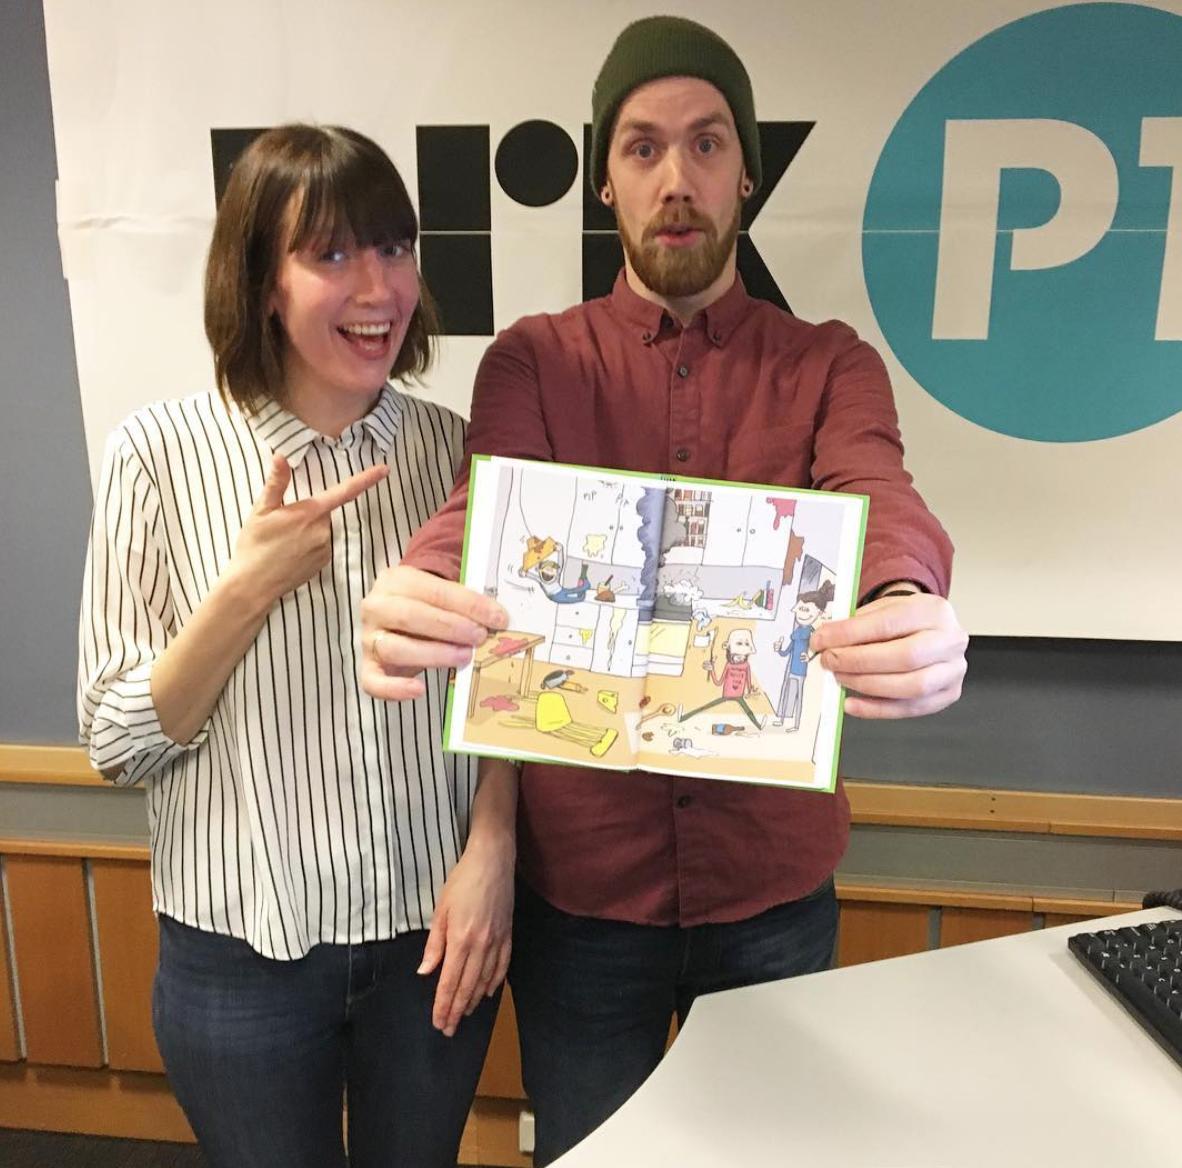 Boka mi og jeg besøkte Ellen Flå i NRK p1 (Trøndelag). Hør innslaget nedenfor her.